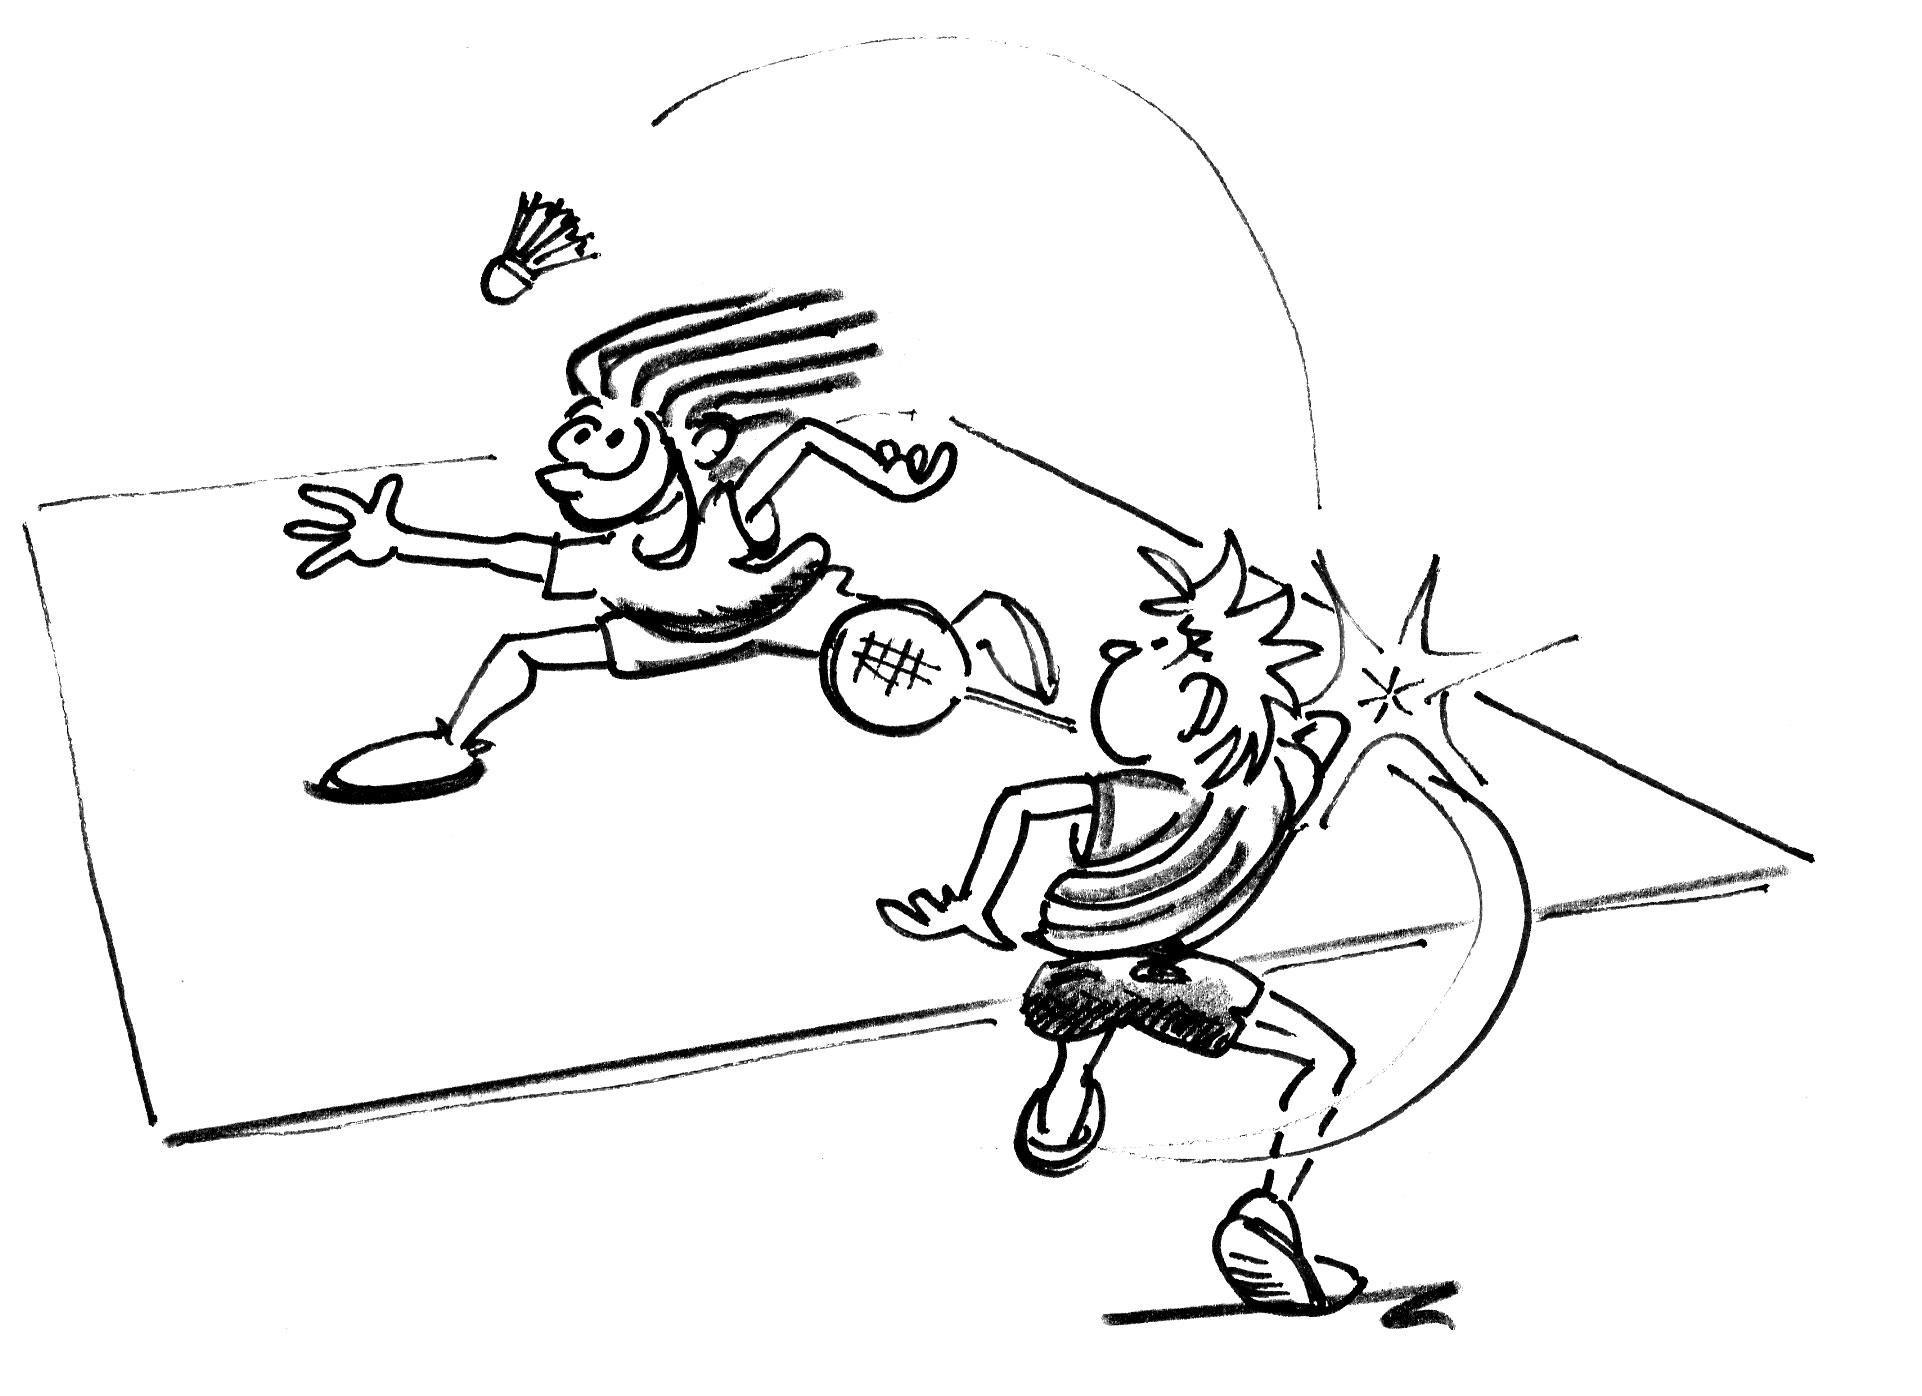 Jeux de renvoi avec enfants badminton t l mark - Dessin raquette ...